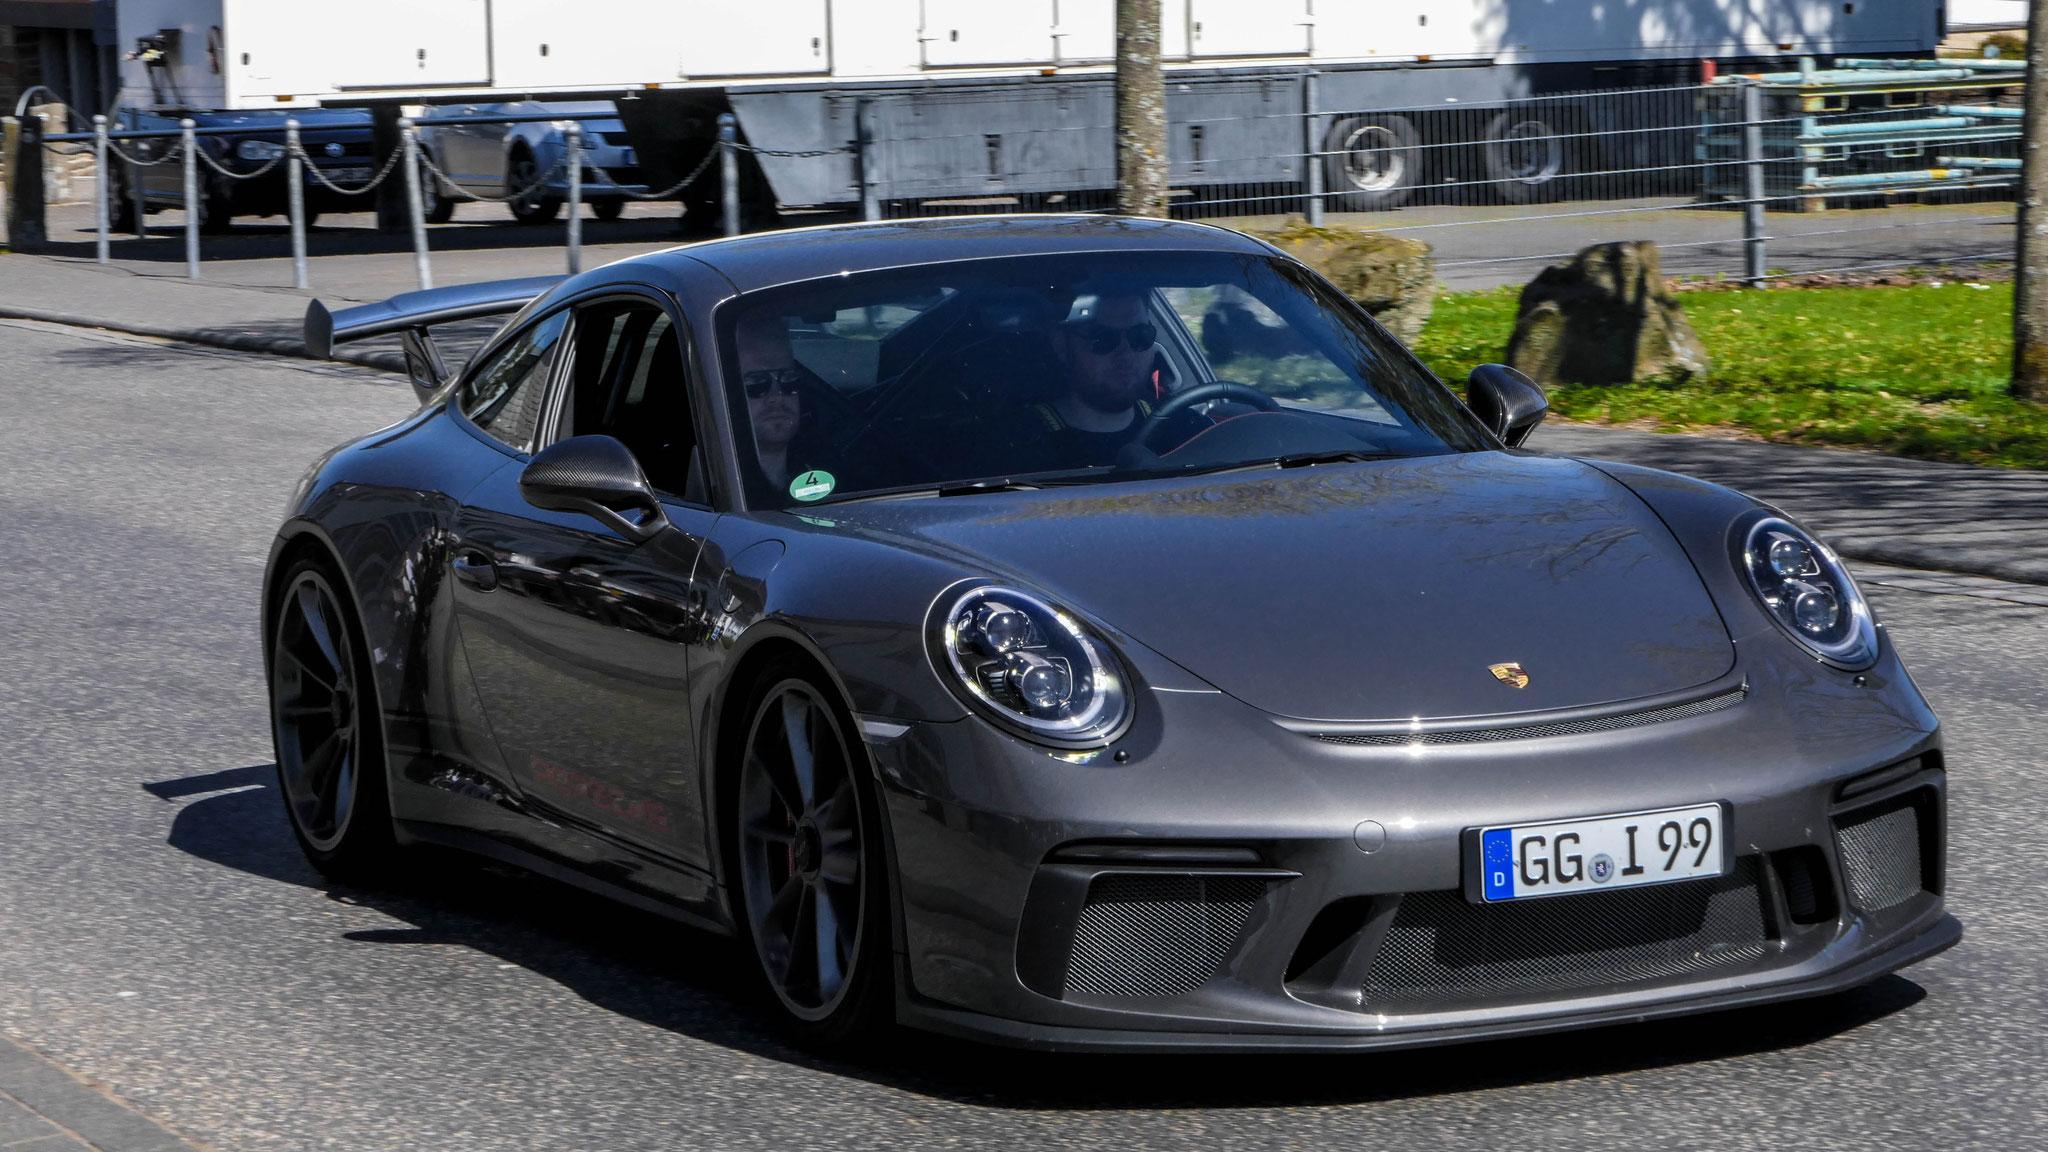 Porsche 991 GT3 - GG-I-99